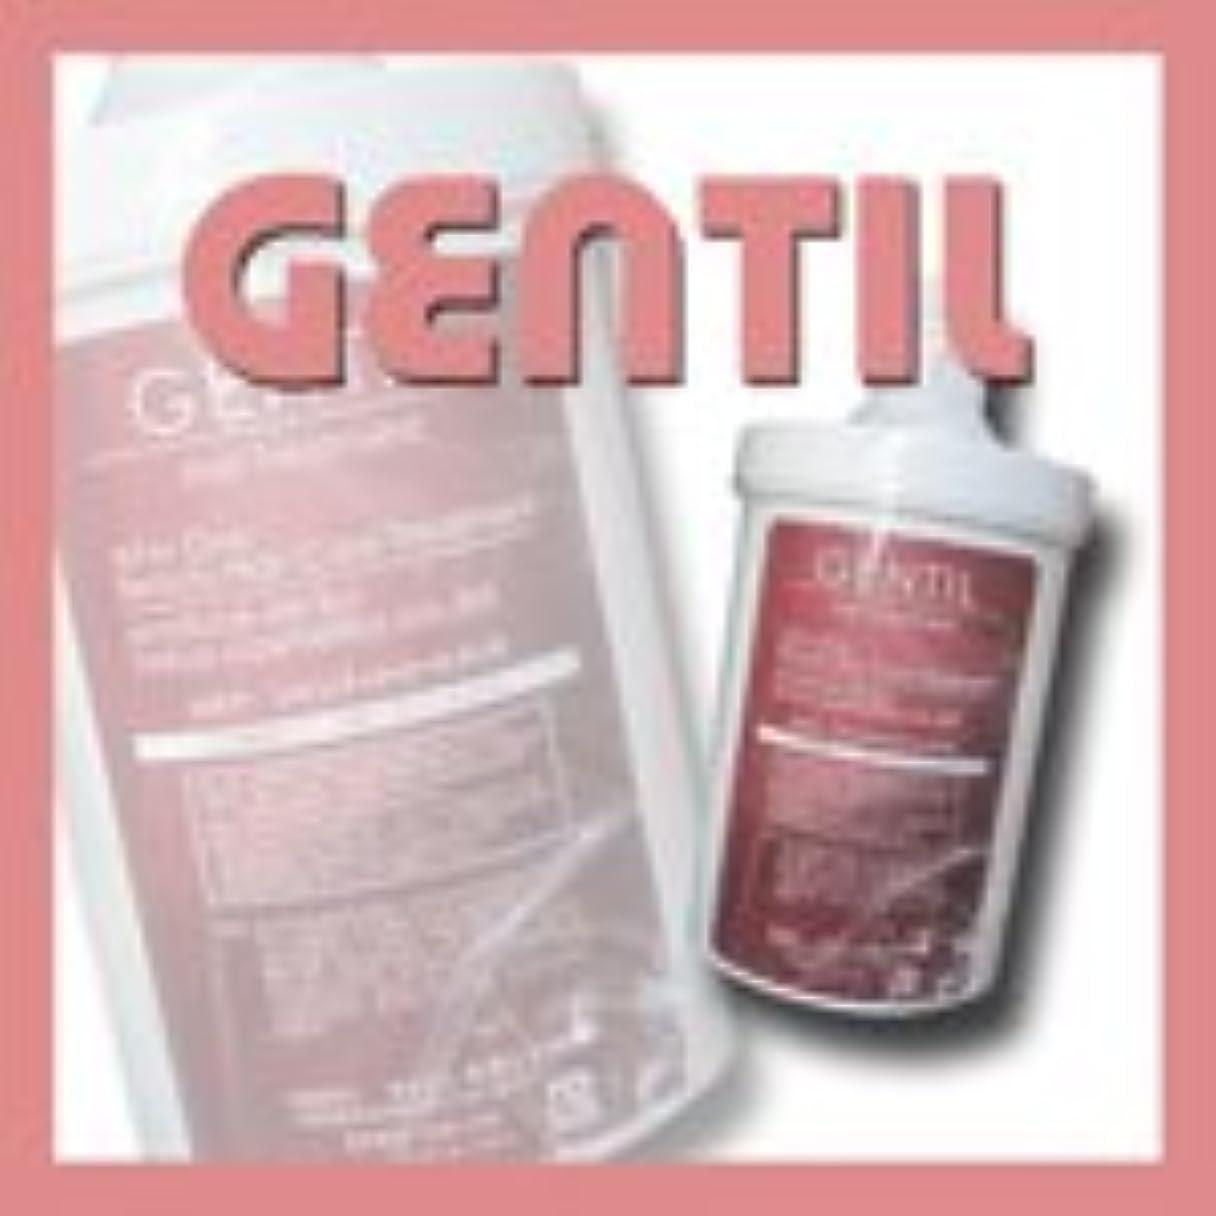 消費者広げる真剣にナルオ コスメティックス ロオナ ジャンティ トリートメント 1000g 【ポンプ】 【GENTIL】